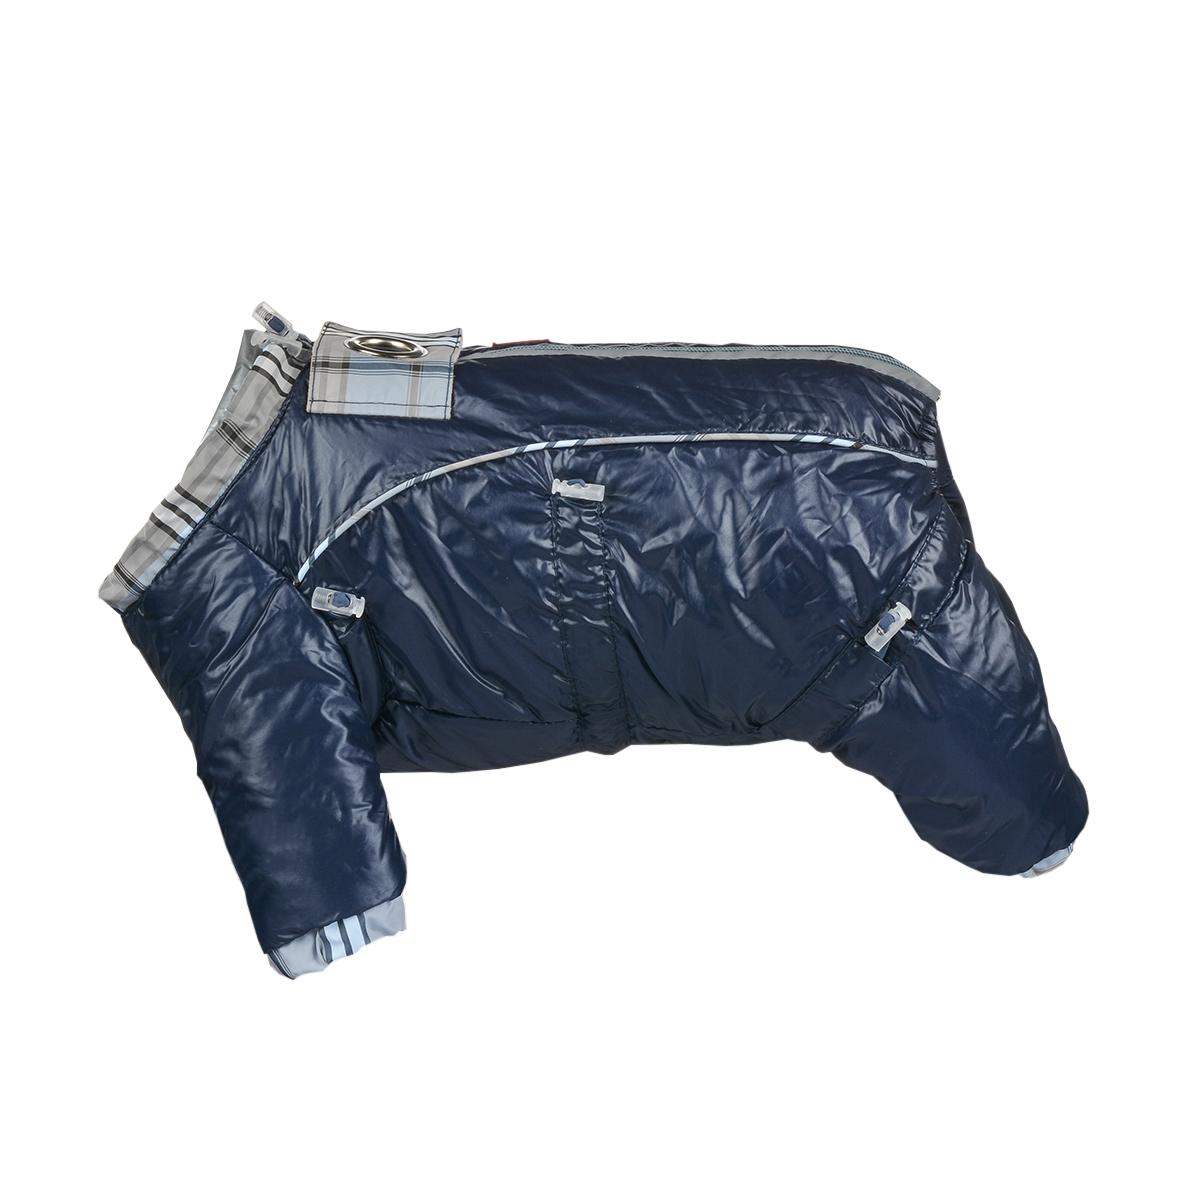 Комбинезон для собак Dogmoda Doggs, зимний, для мальчика, цвет: темно-синий. Размер LDM-140536Комбинезон для собак Dogmoda Doggs отлично подойдет для прогулок в зимнее время года. Комбинезон изготовлен из полиэстера, защищающего от ветра и снега, с утеплителем из синтепона, который сохранит тепло даже в сильные морозы, а на подкладке используется искусственный мех, который обеспечивает отличный воздухообмен. Комбинезон застегивается на молнию и липучку, благодаря чему его легко надевать и снимать. Молния снабжена светоотражающими элементами. Низ рукавов и брючин оснащен внутренними резинками, которые мягко обхватывают лапки, не позволяя просачиваться холодному воздуху. На вороте, пояснице и лапках комбинезон затягивается на шнурок-кулиску с затяжкой. Модель снабжена непромокаемым карманом для размещения записки с информацией о вашем питомце, на случай если он потеряется. Благодаря такому комбинезону простуда не грозит вашему питомцу и он не даст любимцу продрогнуть на прогулке.